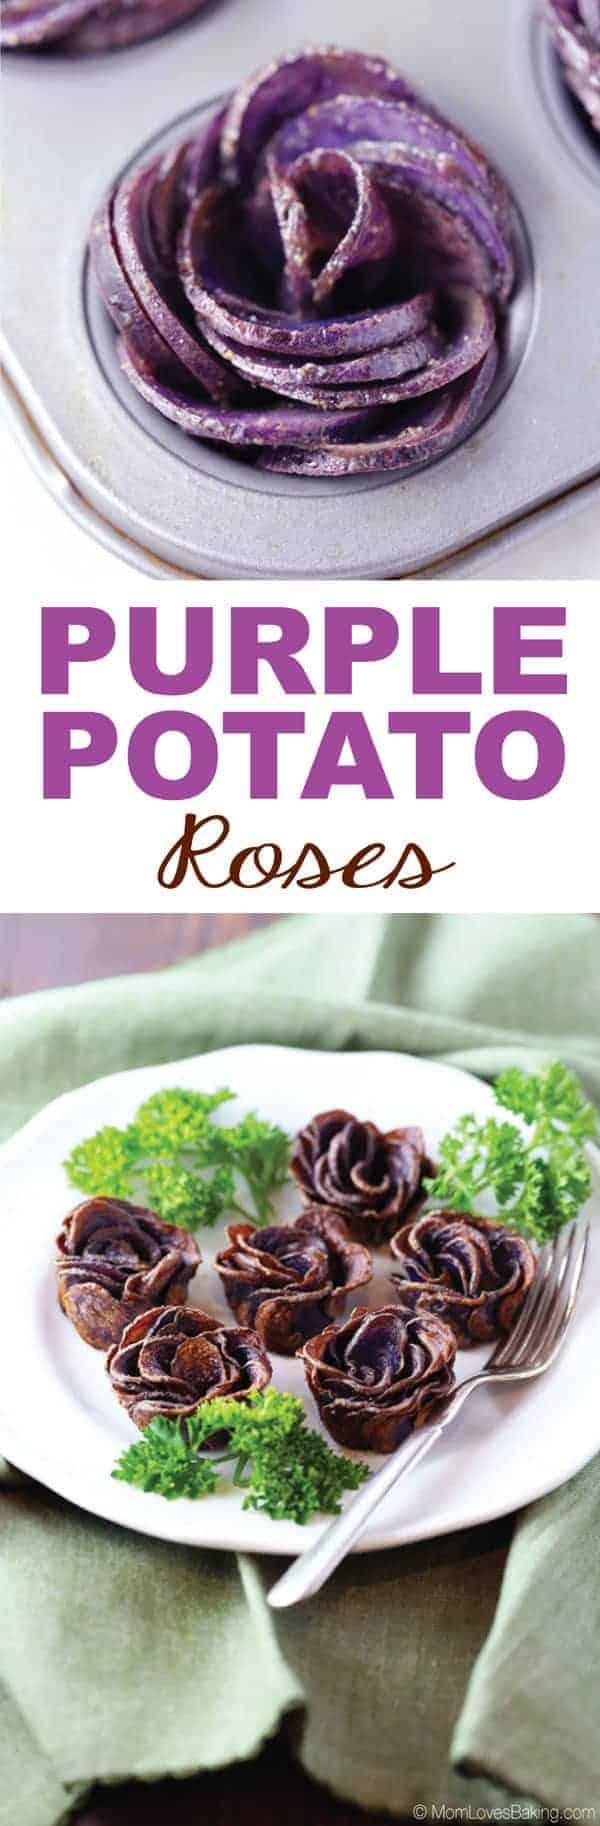 Purple Potato Roses